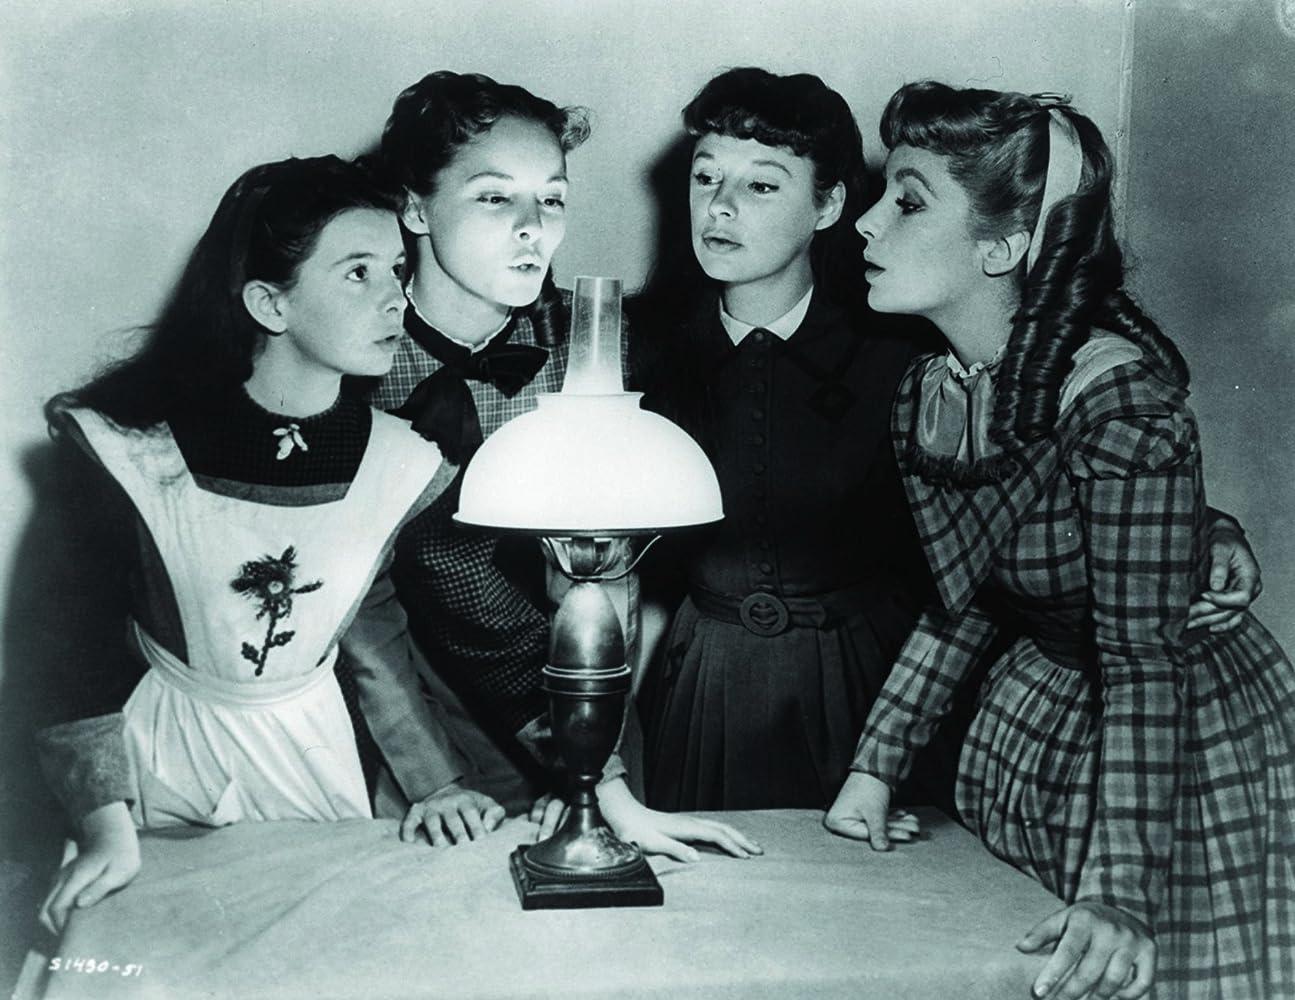 1949年《小婦人》第一次以彩色電影方式拍攝,由伊莉莎白泰勒飾演一心嫁入豪門的夭妹艾美(圖最右)。